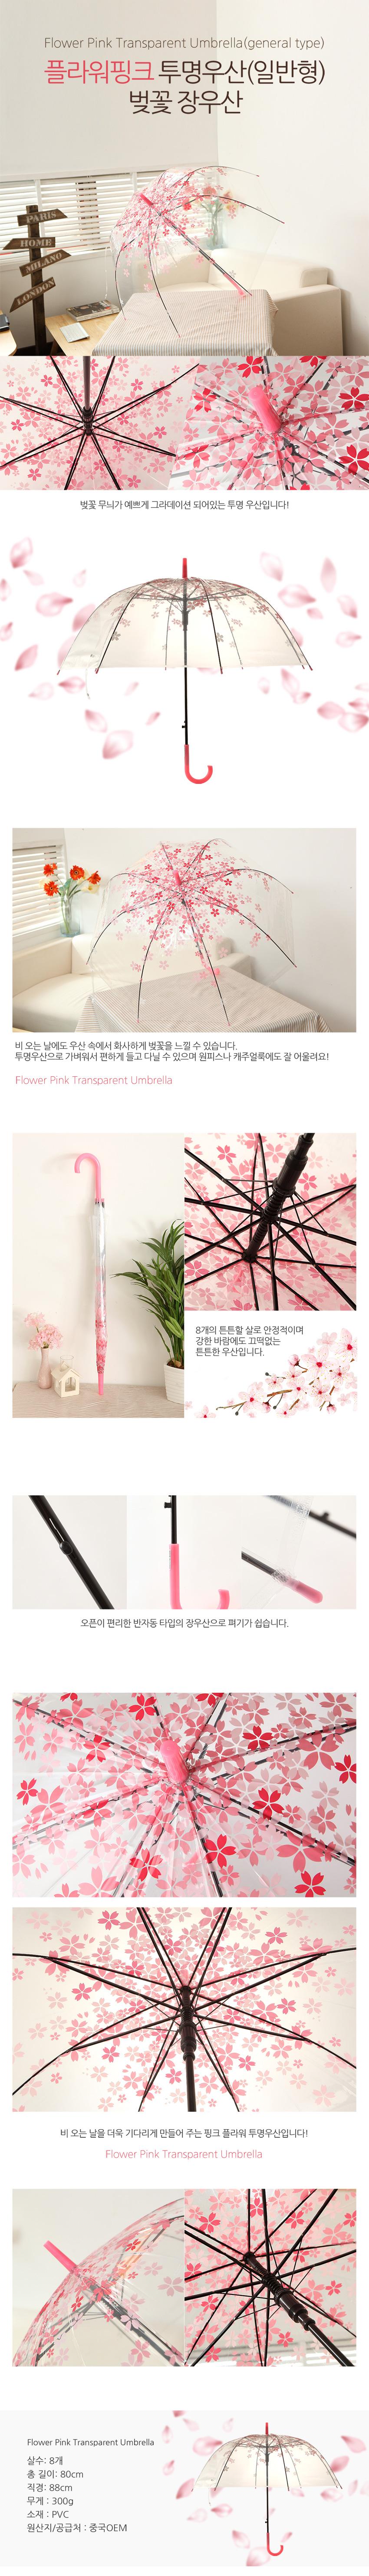 플라워핑크 투명우산 벚꽃 장우산 - 지홀리, 5,800원, 우산, 장우산